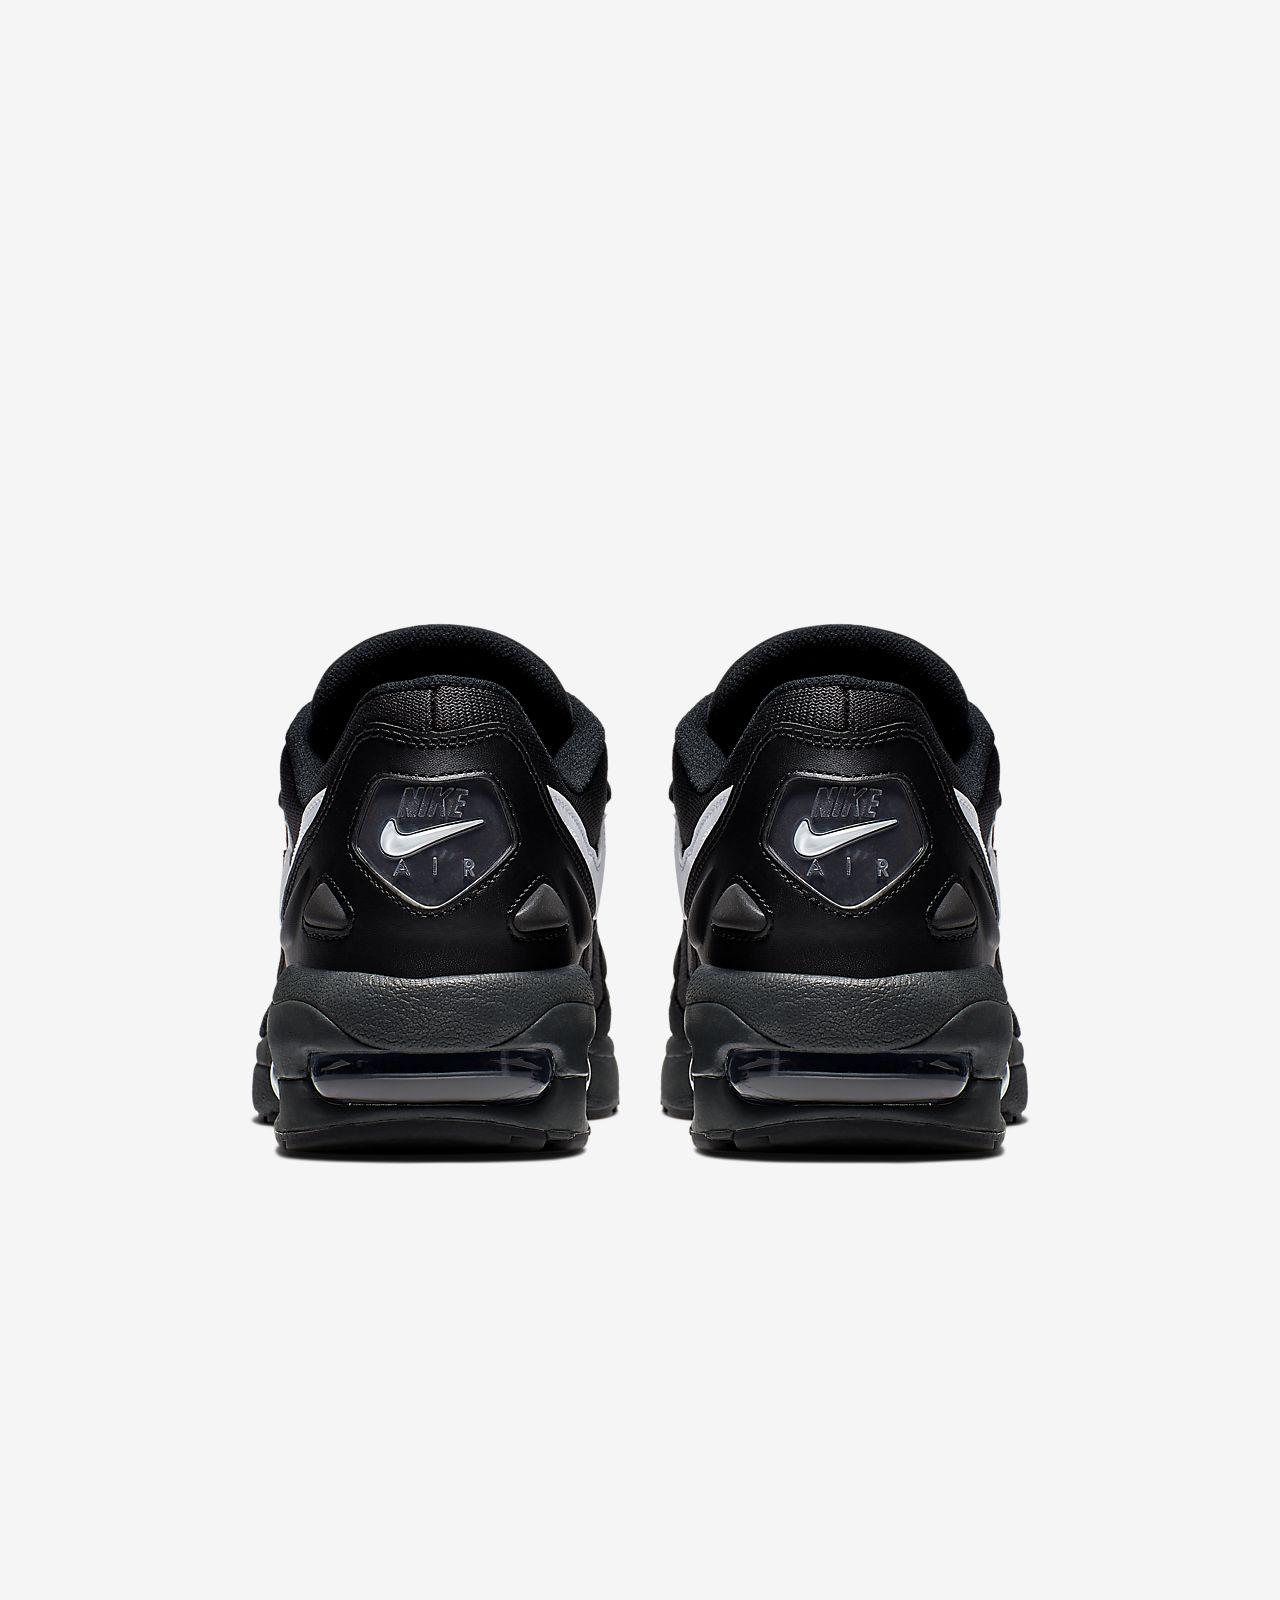 d0a7278802f6 Nike Air Max2 Light Men s Shoe. Nike.com EG